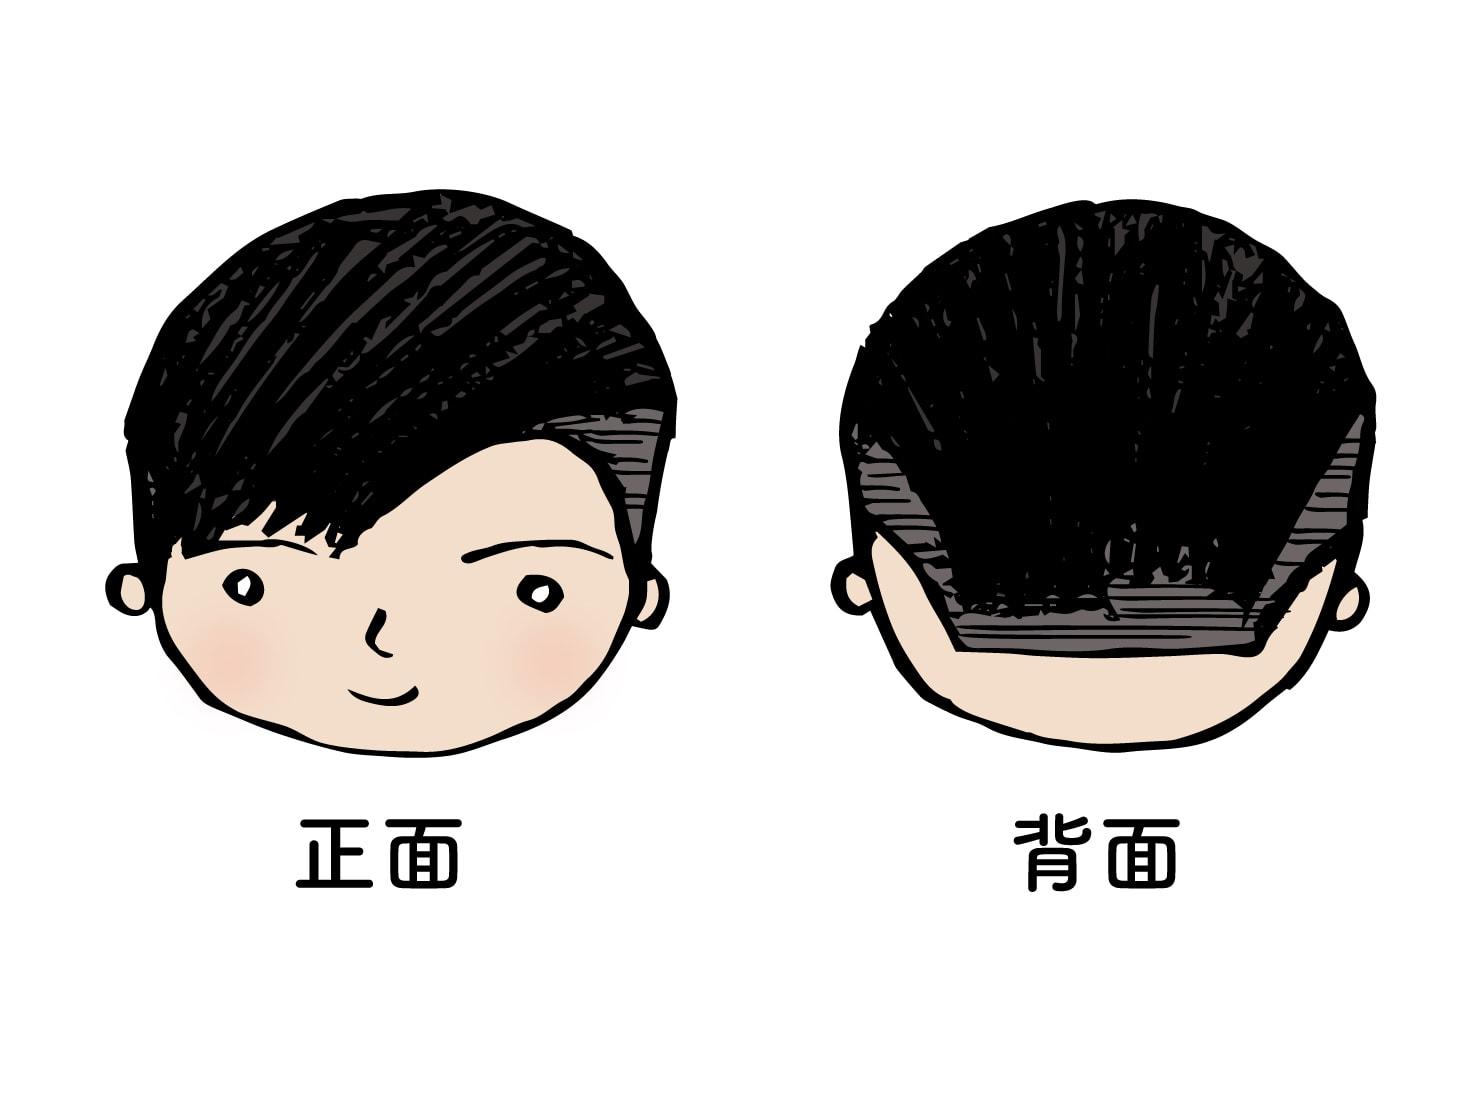 台湾男子御用達のヘアスタイル「アシメ」